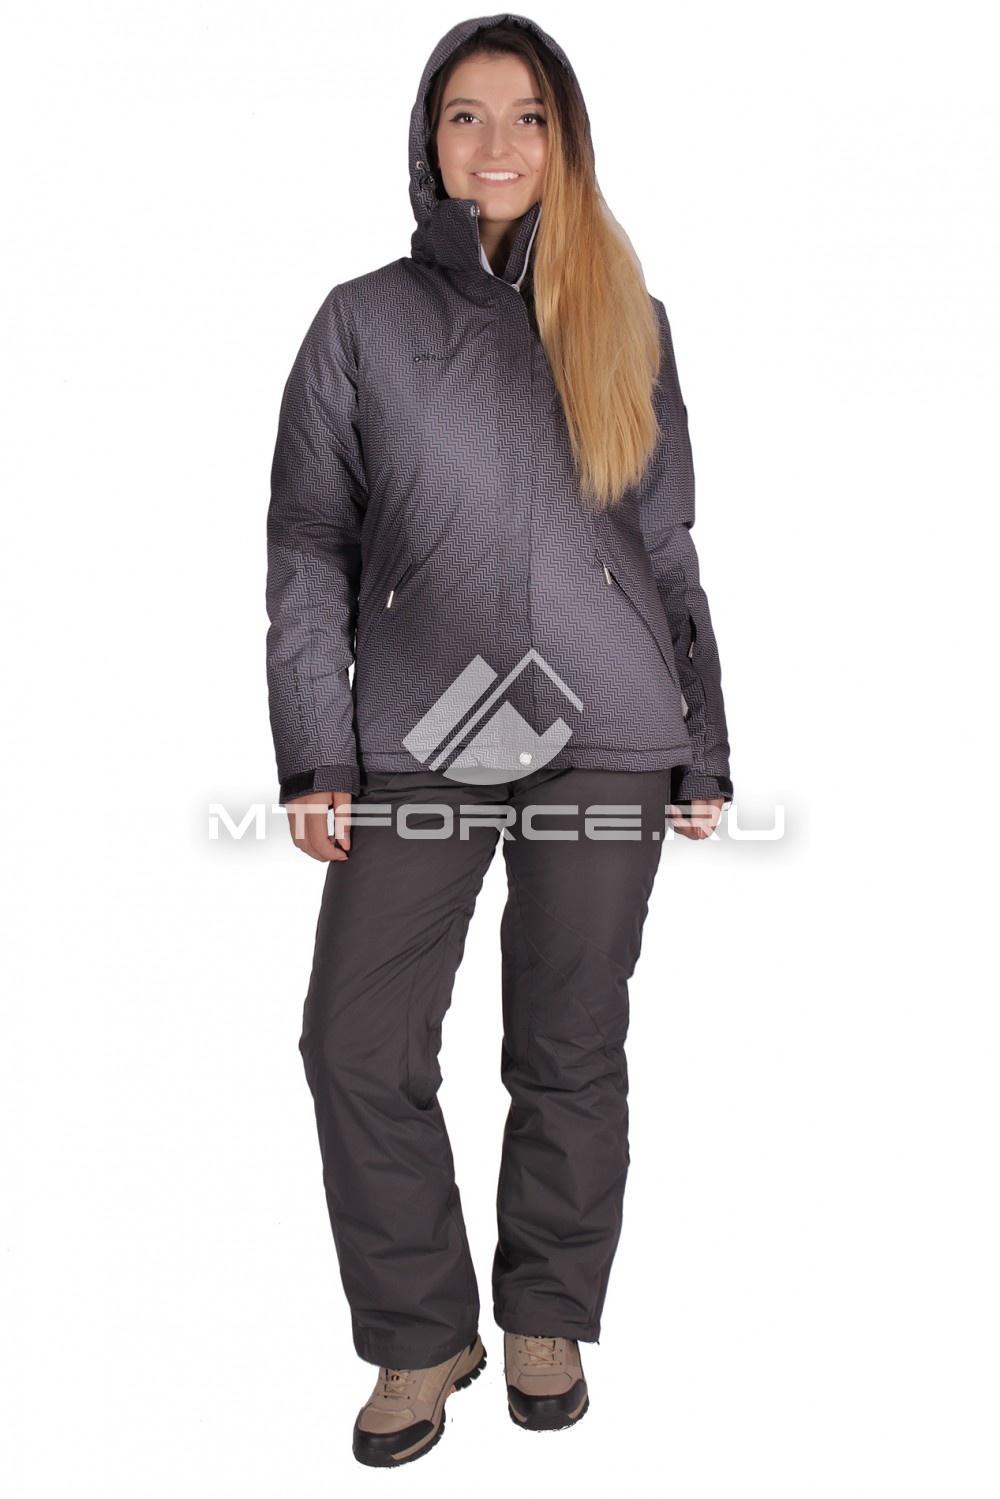 Купить                                  оптом Костюм горнолыжный женский темно-серого цвета 01631TC